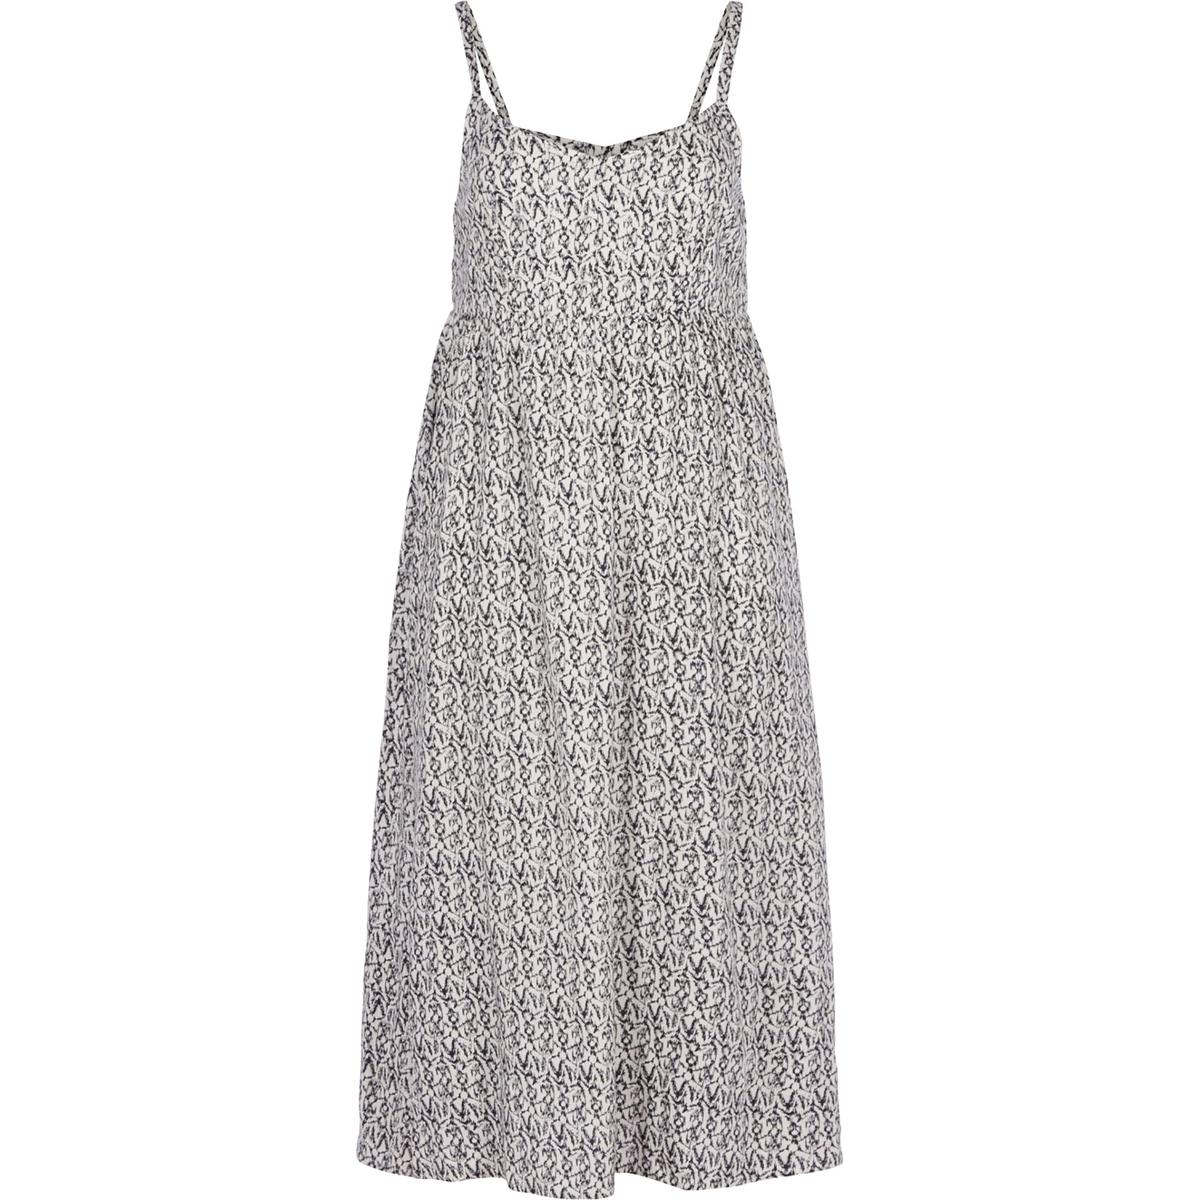 Платье ZIZZIПлатье ZIZZI. Длинное струящееся платье на тонких бретелях с рисунком.  100% вискоза.<br><br>Цвет: набивной рисунок